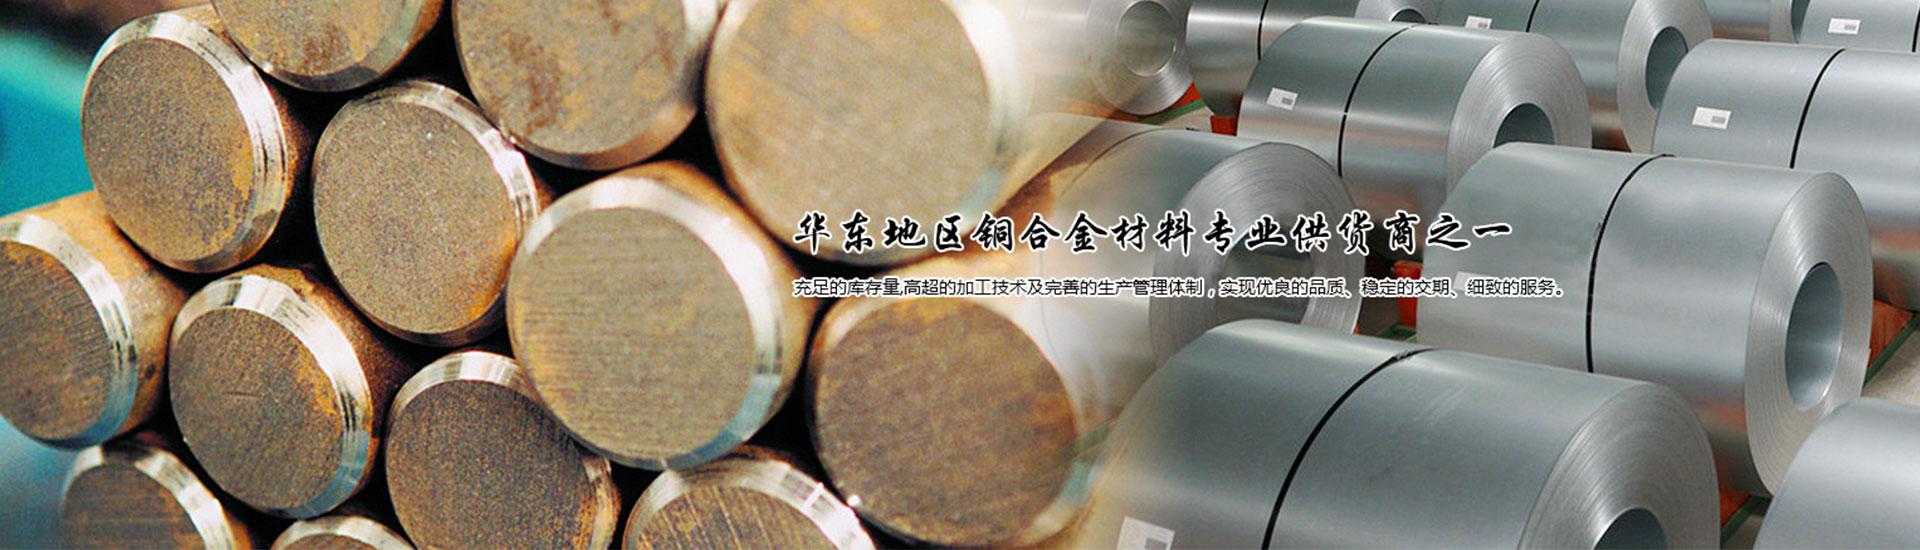 乐清市卓旭金属材料有限公司